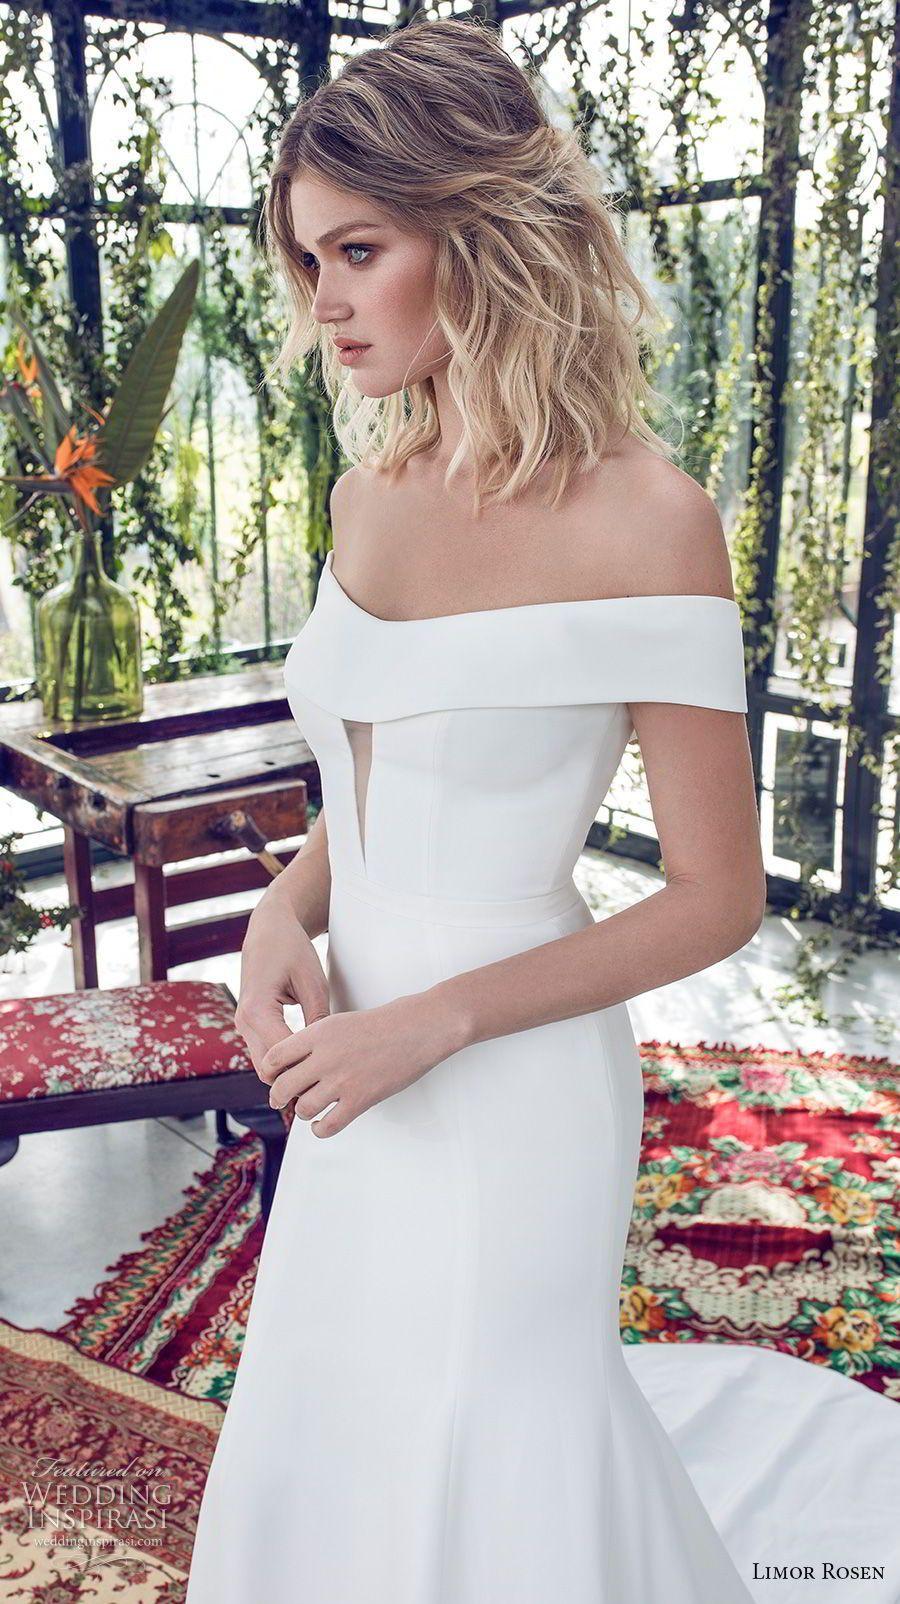 Simple off the shoulder wedding dresses  limor rosen  xo bridal off the shoulder semi scoop neckline